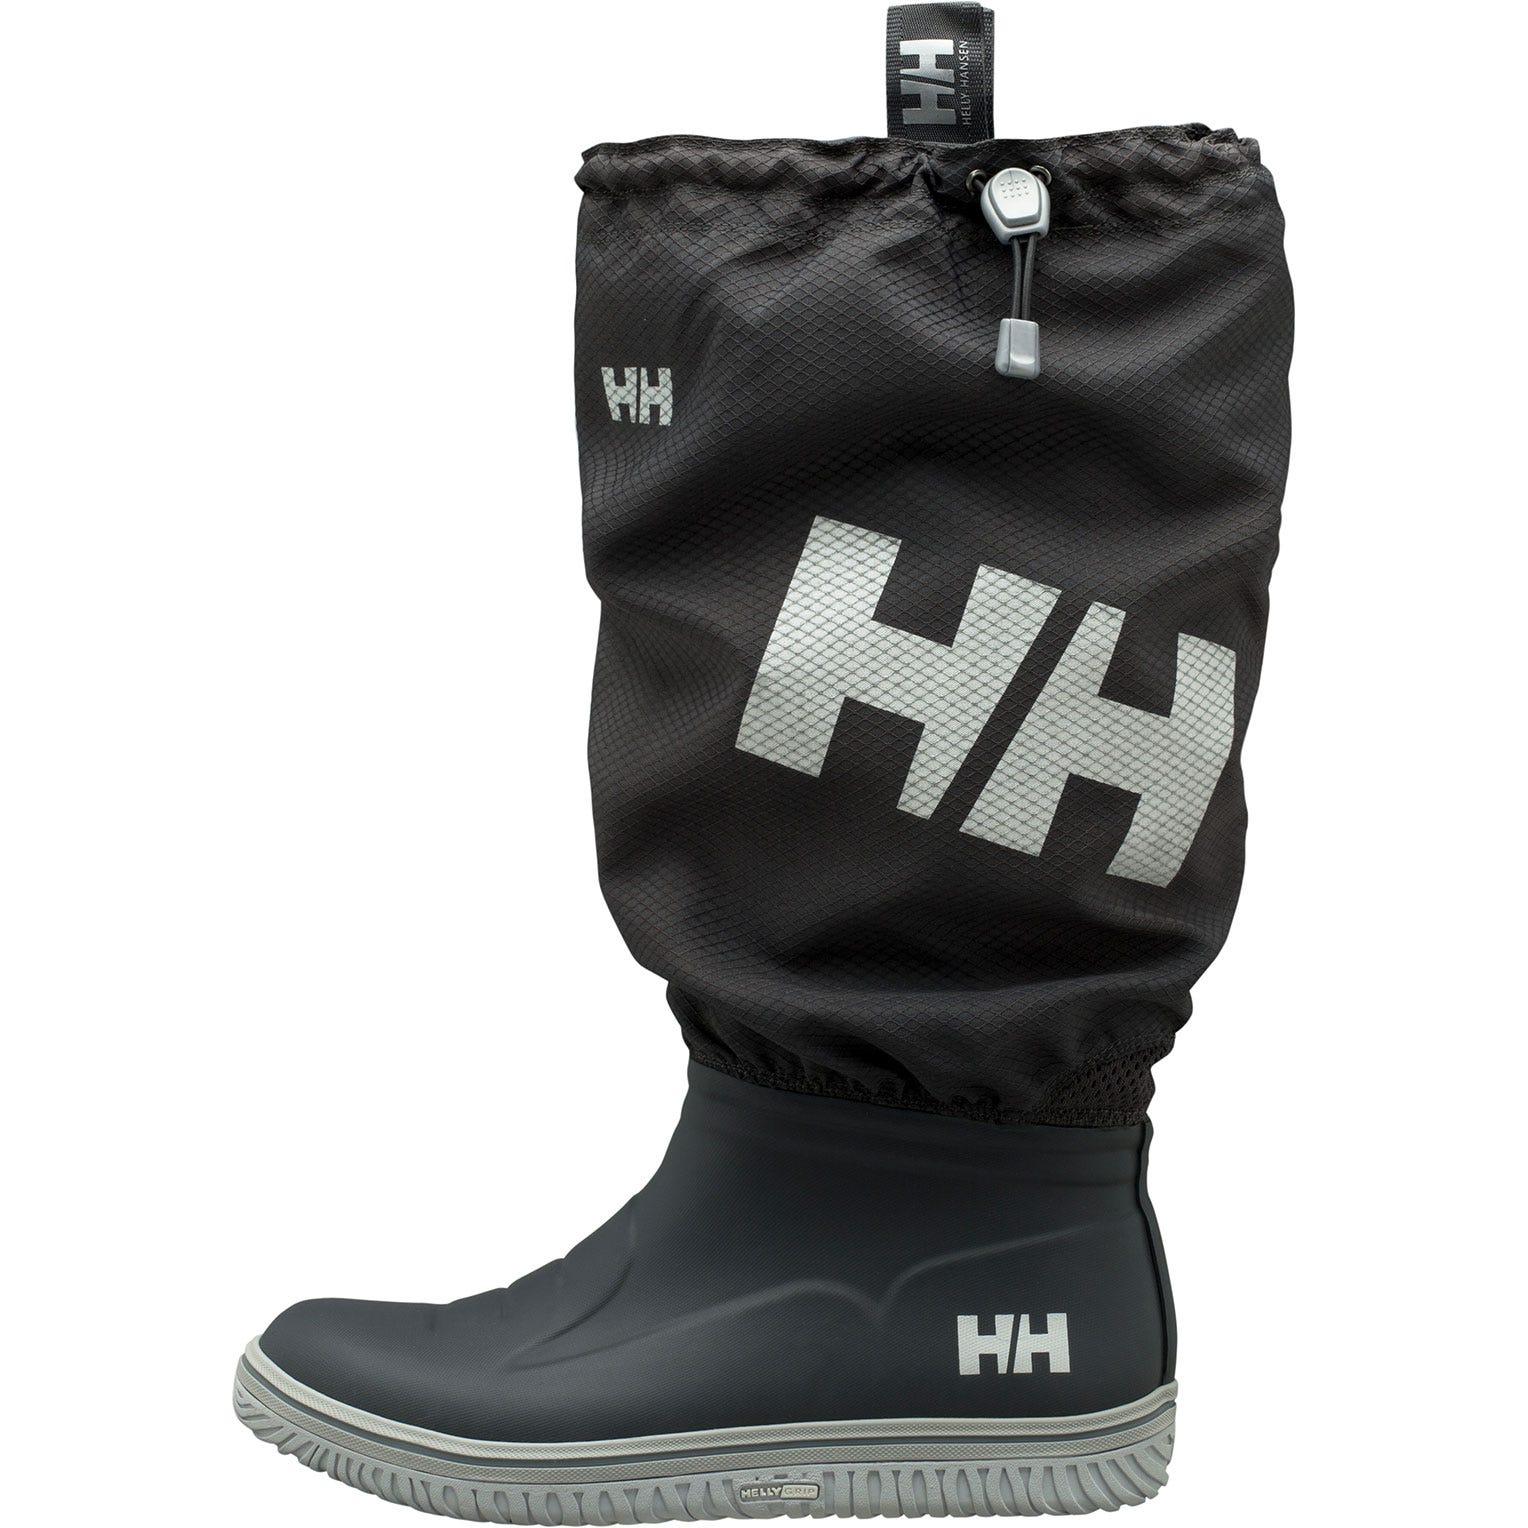 Helly Hansen Aegir Gaitor 2 Mens Sailing Shoe Black 45/11